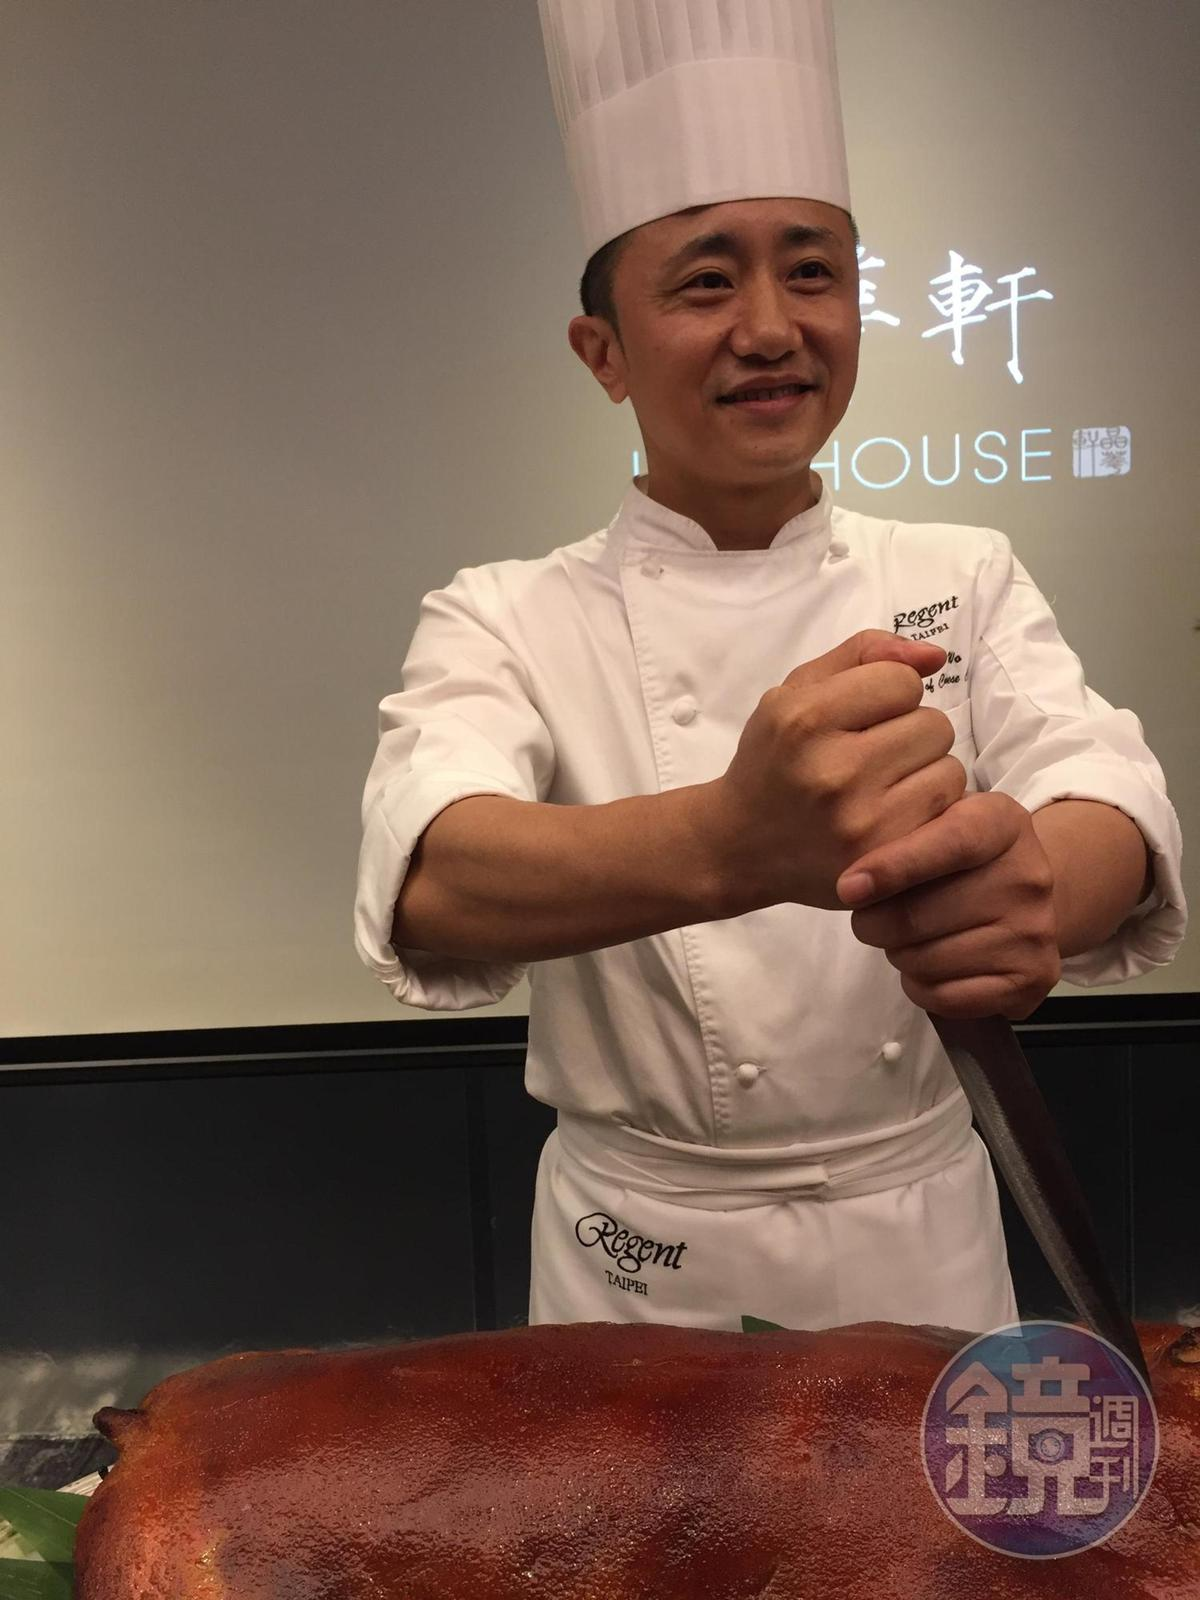 廚藝總監鄔海明在記者會上示範現切烤乳豬。